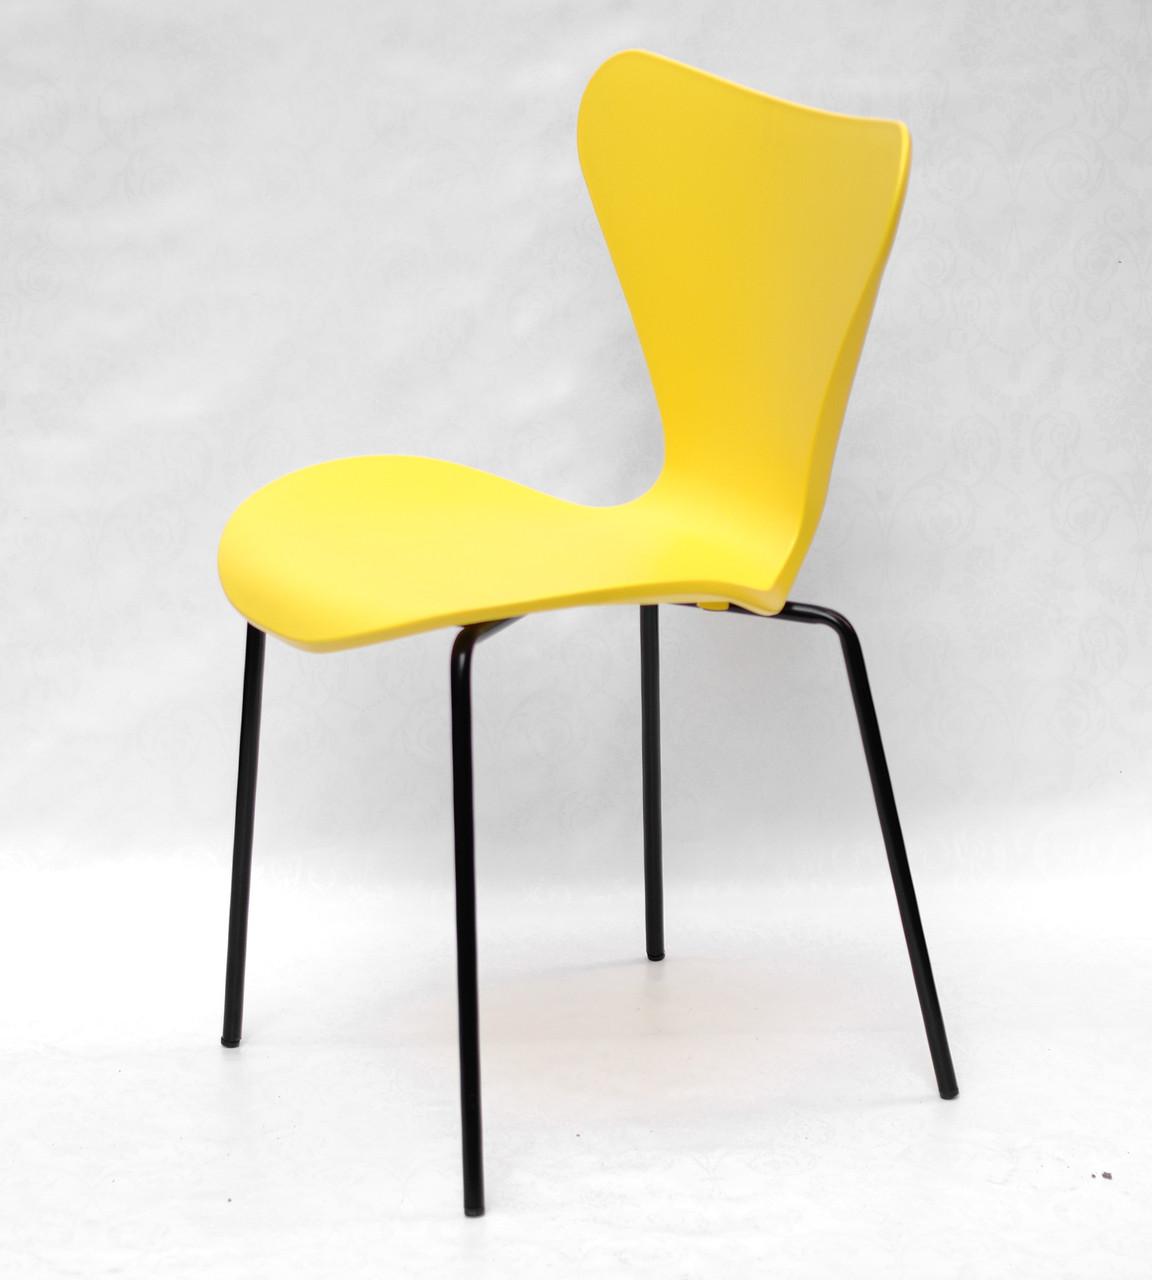 Желтый стул с пластиковым фигурным сиденьем и черными металлически ножками Max Metal-2-BK